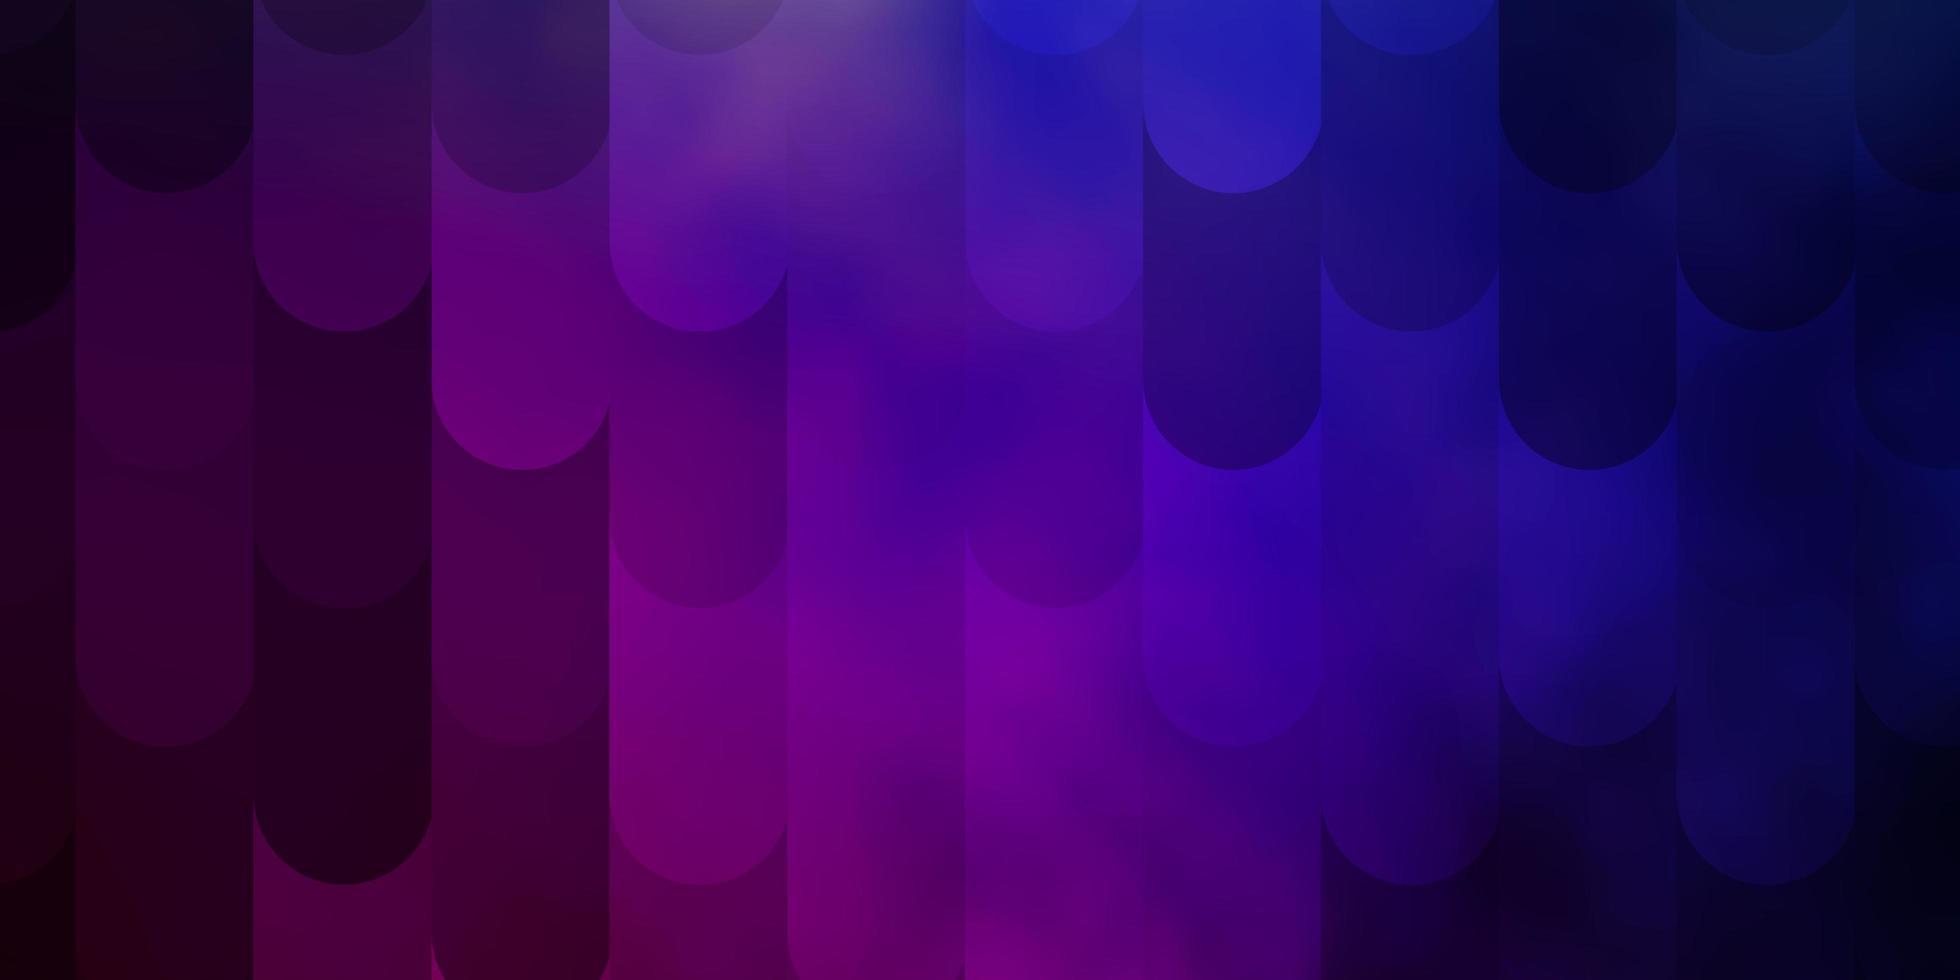 Fondo de vector azul oscuro, rojo con líneas.